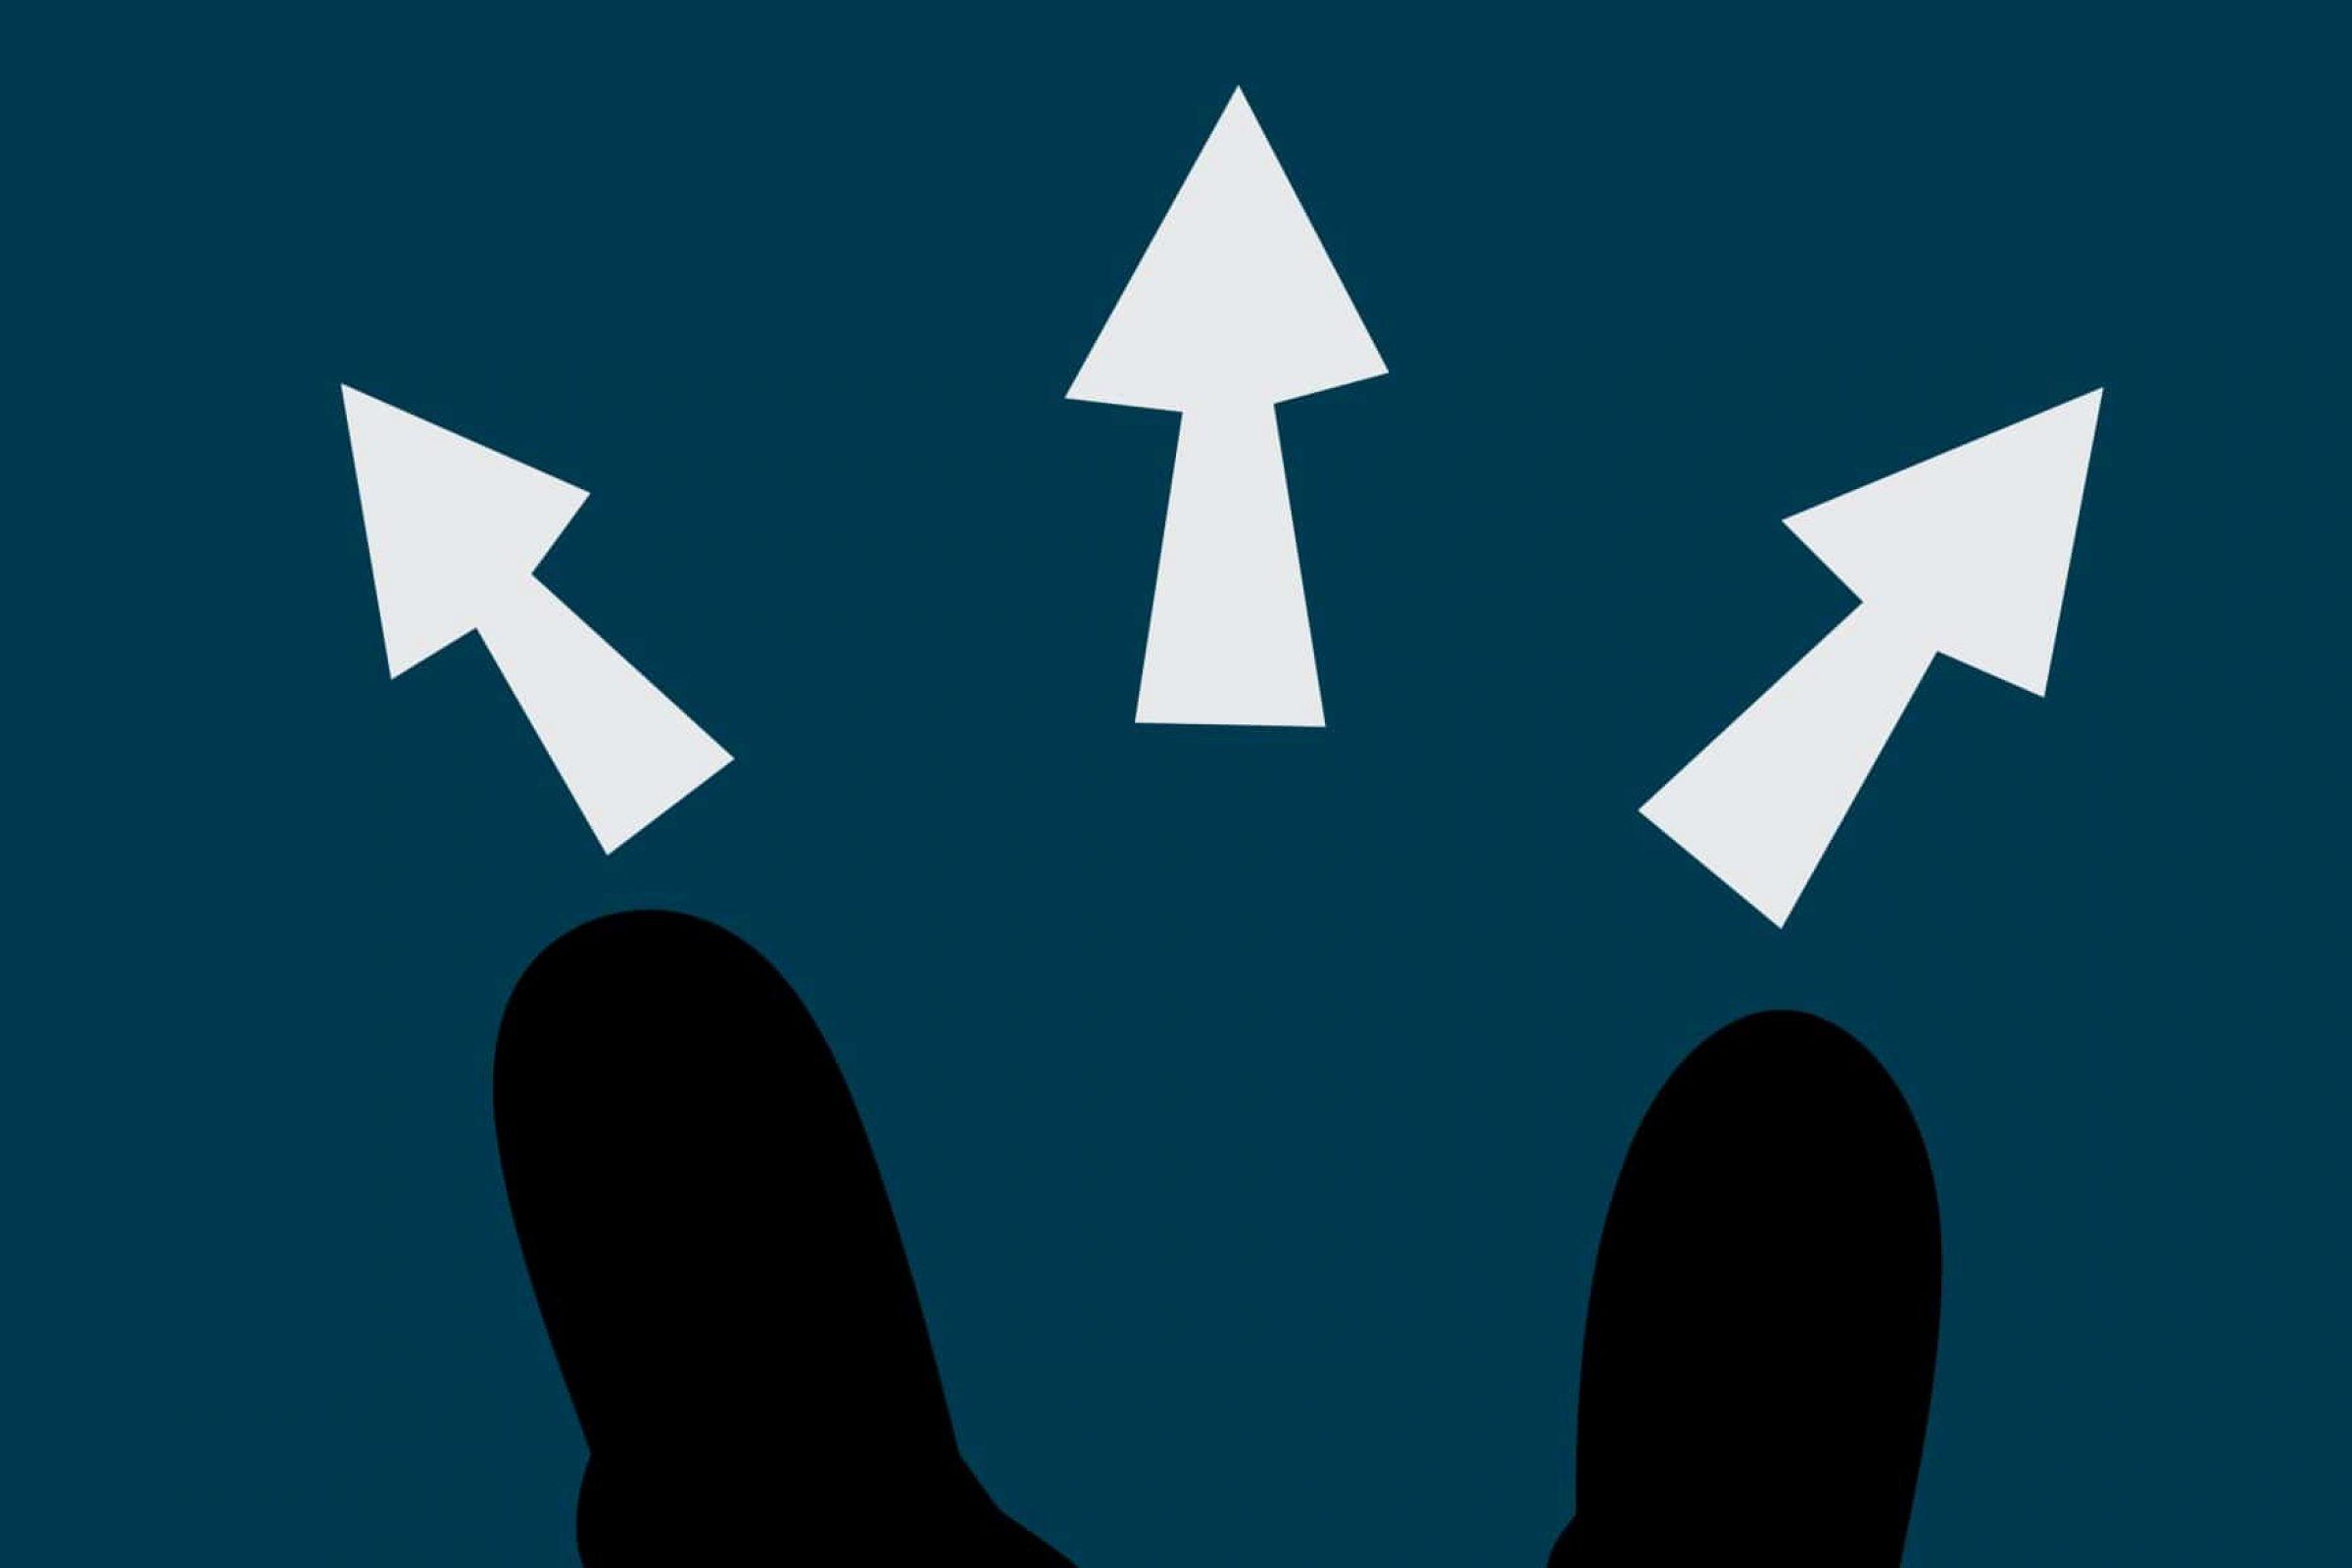 Sei widersprüchlich! – Ambidextre  Führung vereint Gegensätze